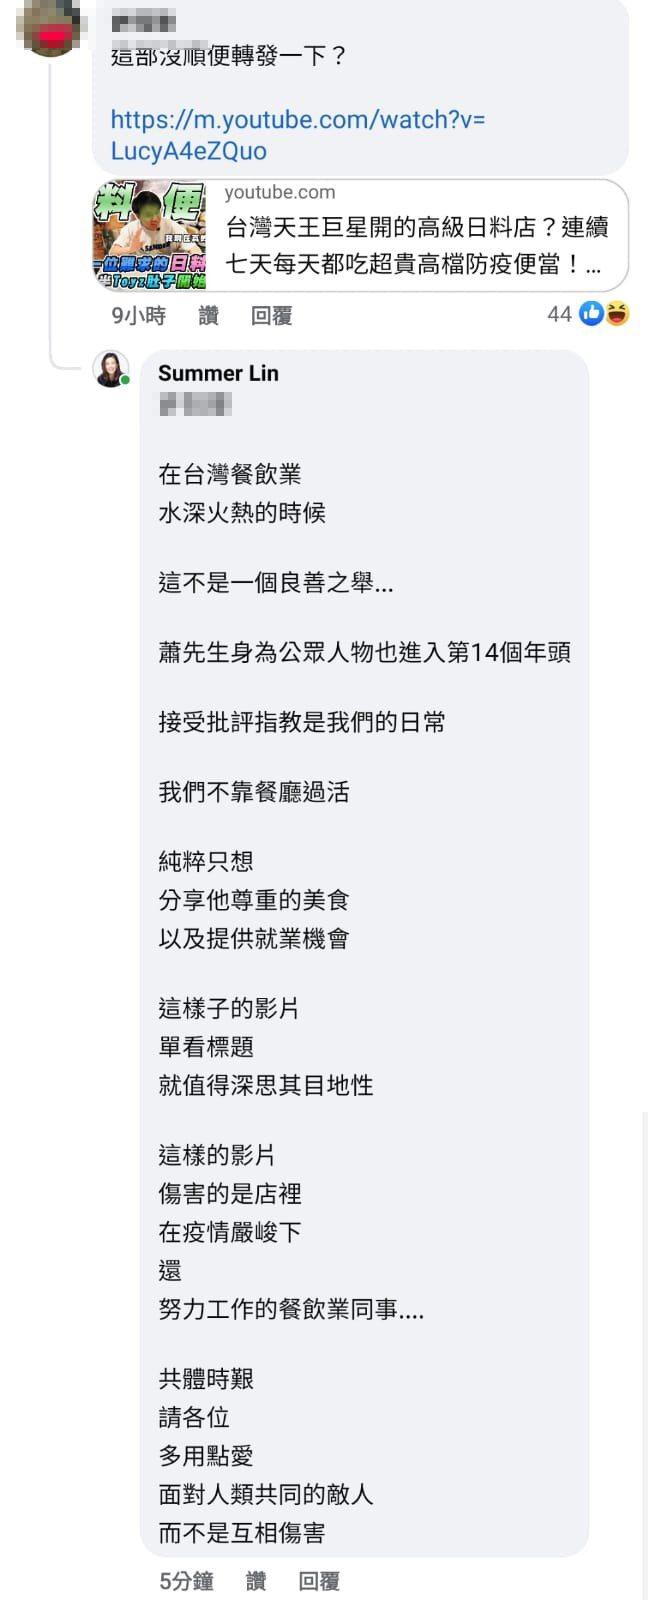 有網友在蕭敬騰分享的影片留言,意外釣出老蕭經紀人回應。圖/摘自臉書